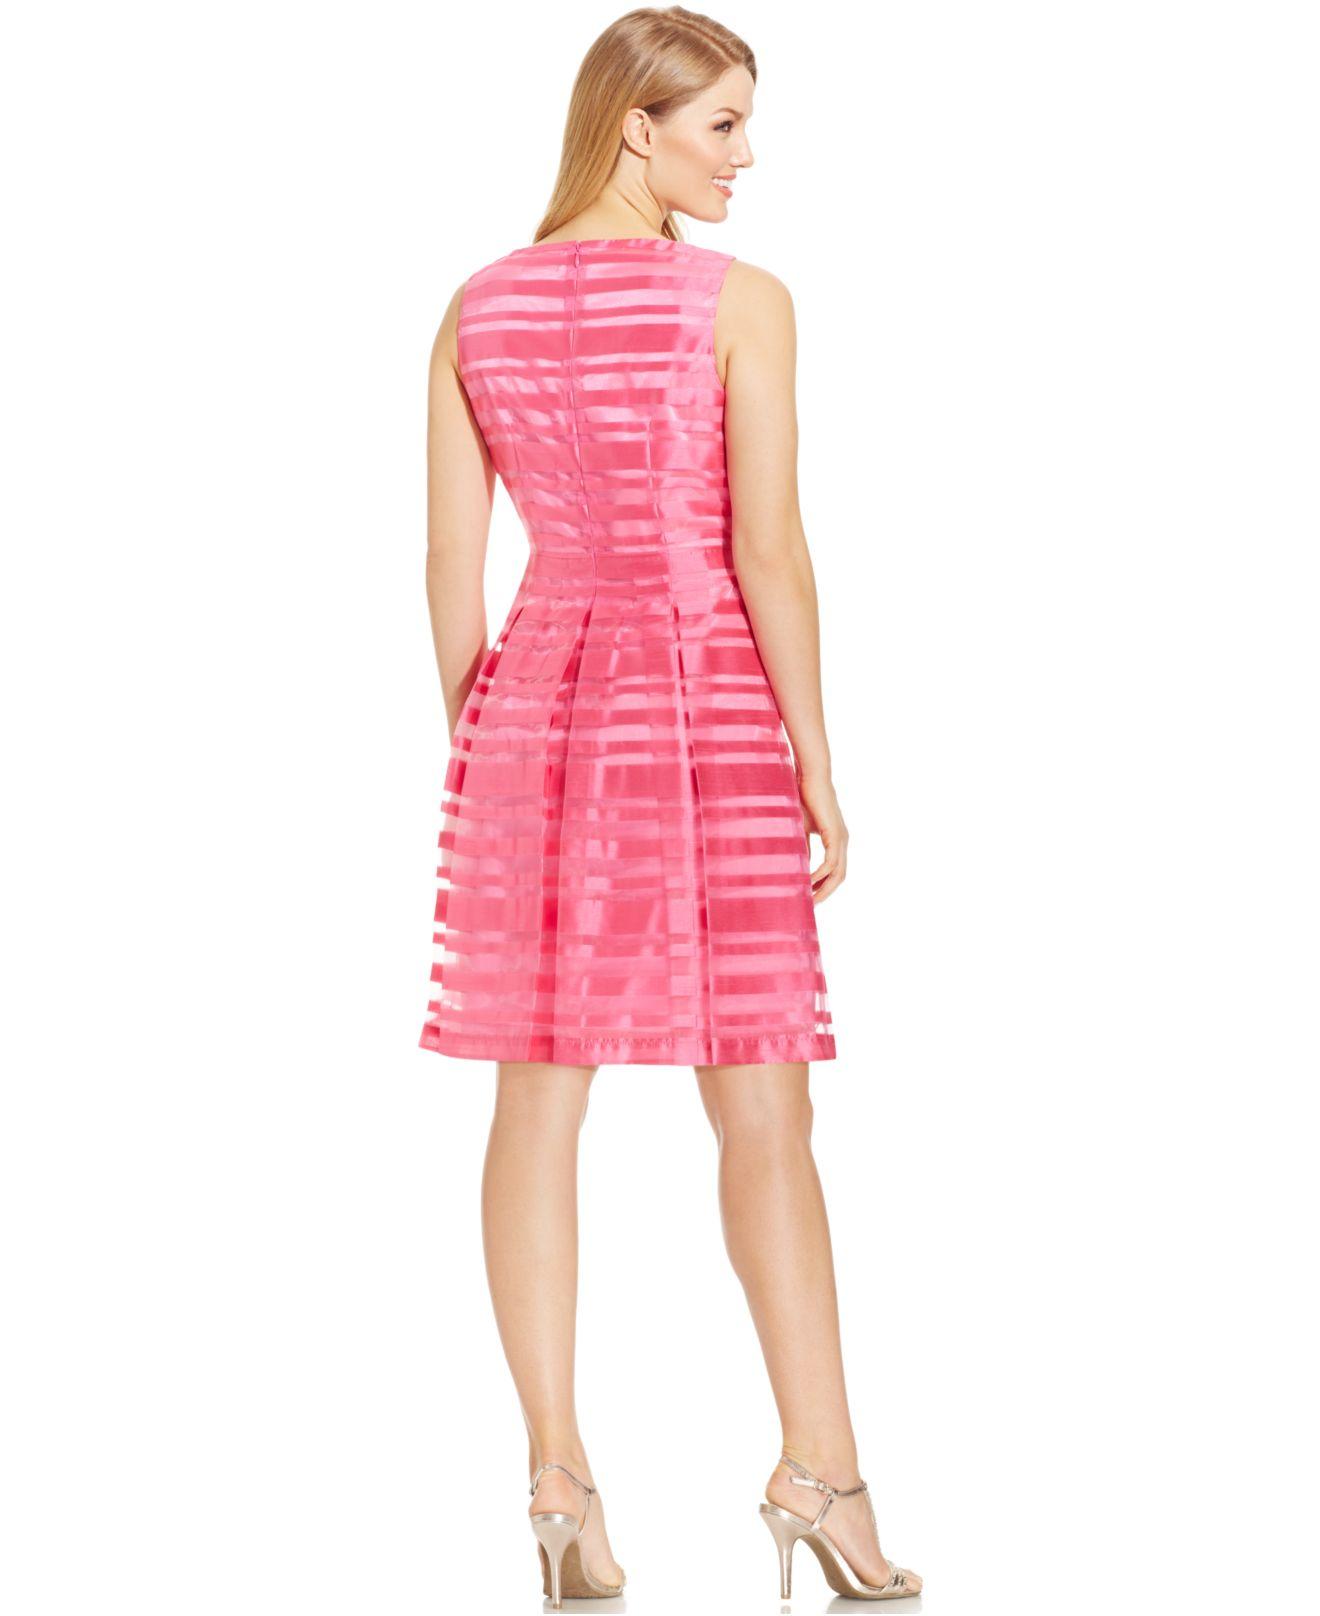 Lyst - Tahari Sleeveless Illusion-stripe Pleated Dress in Pink 2d40afa06